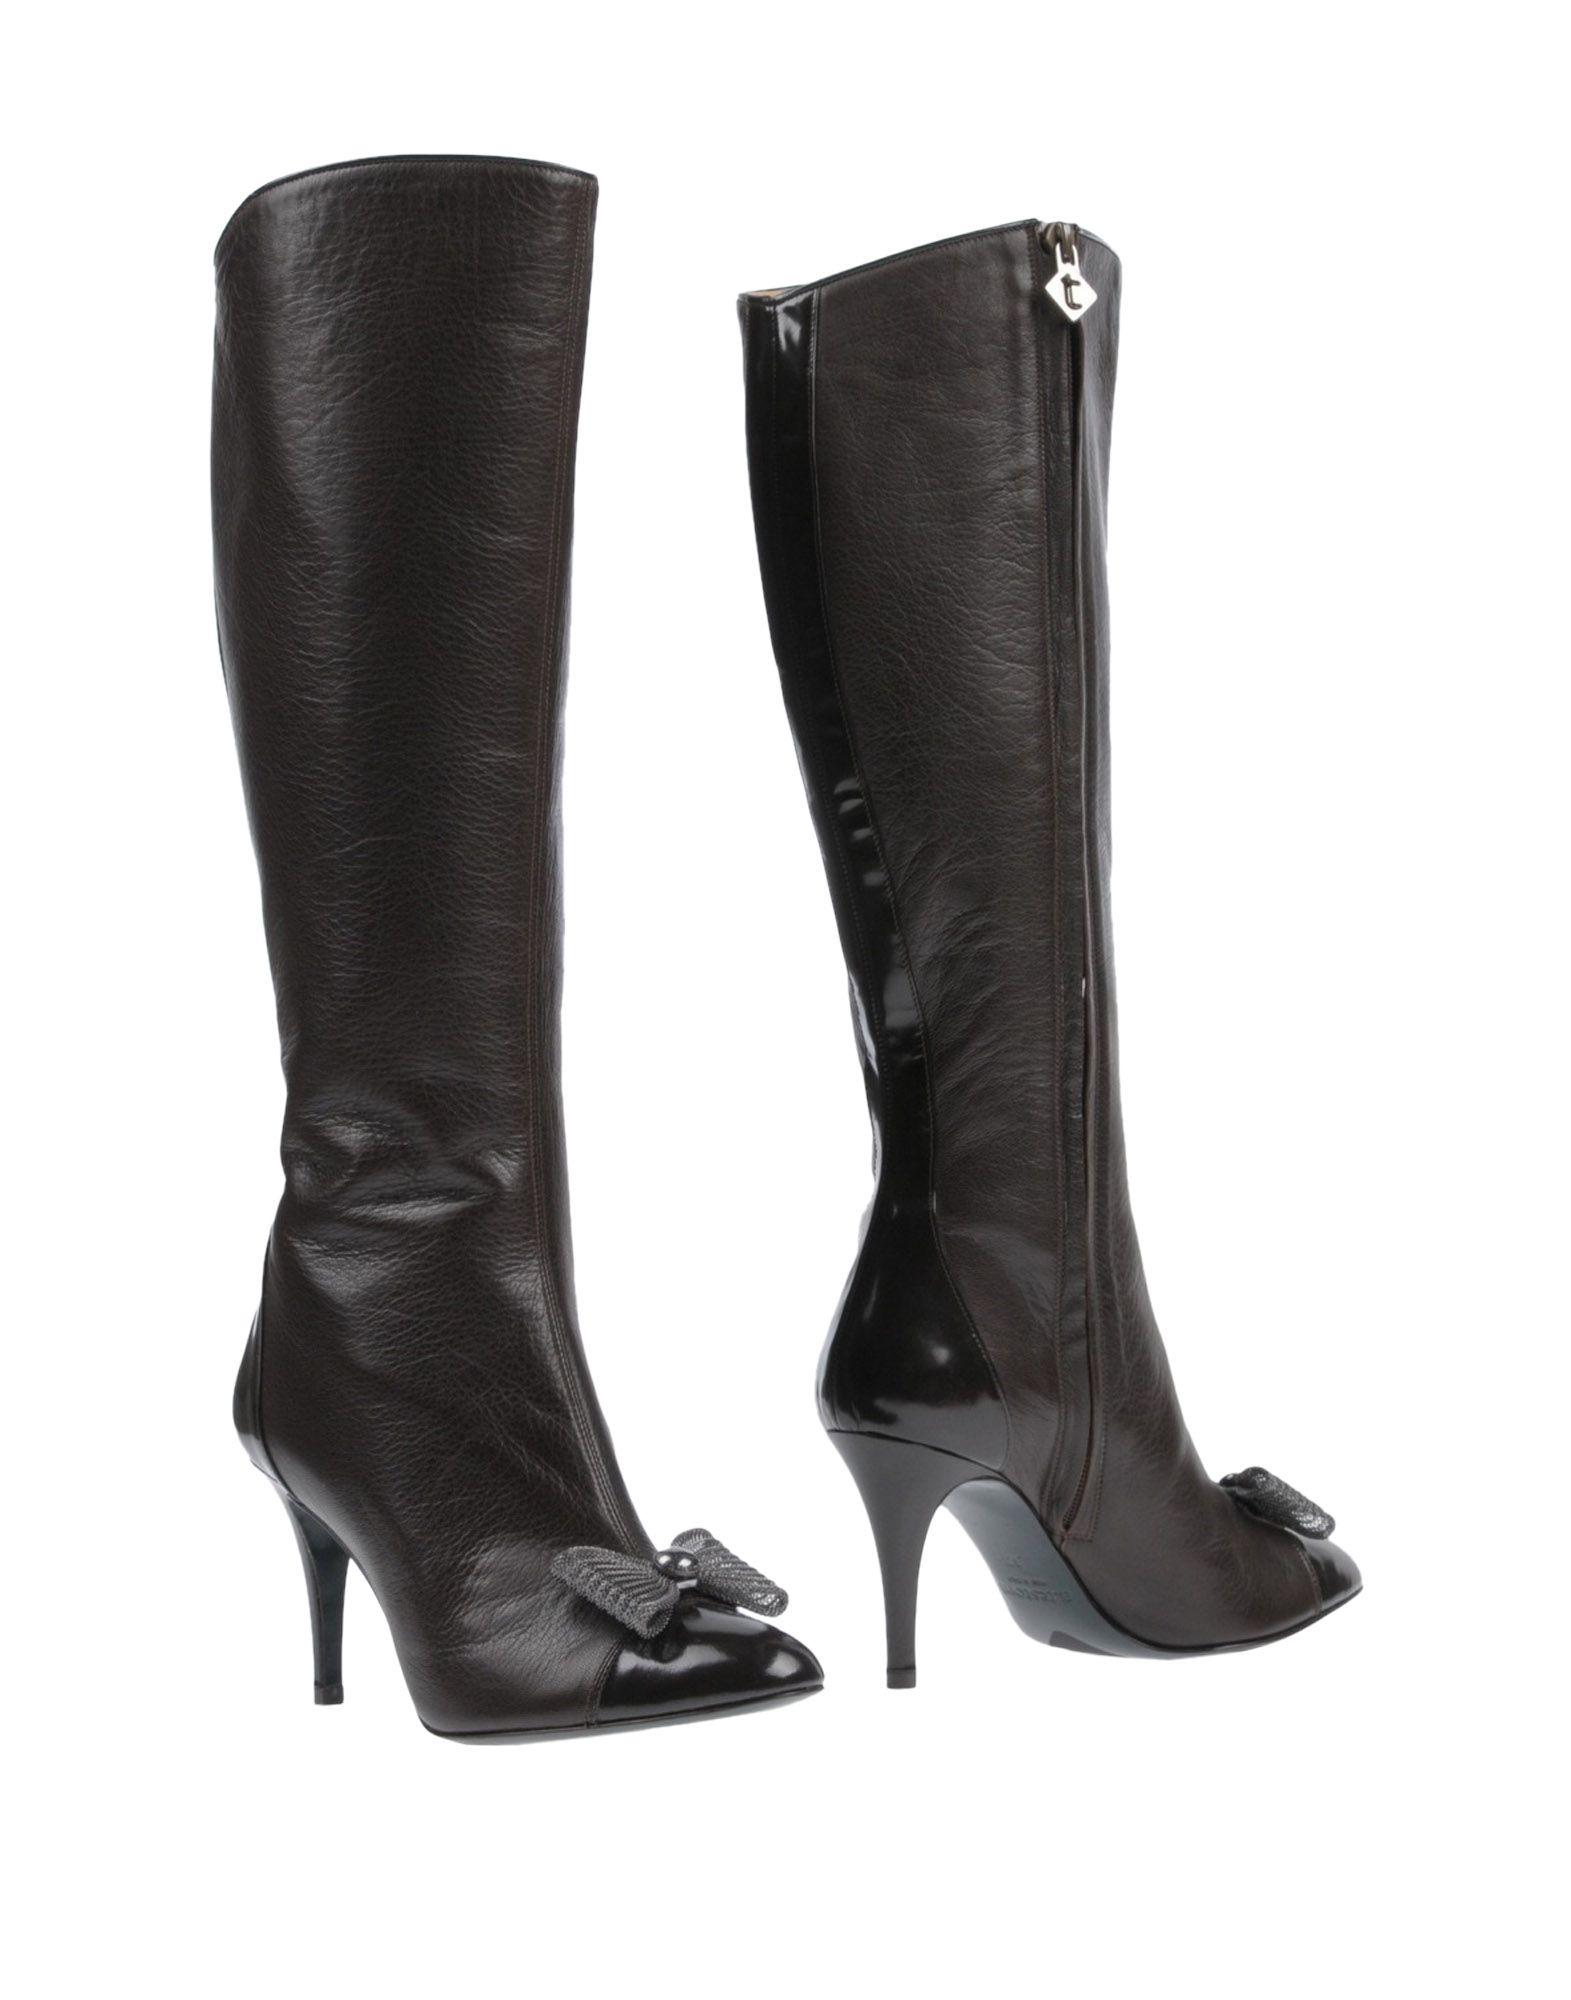 A. TESTONI Boots, Dark Brown